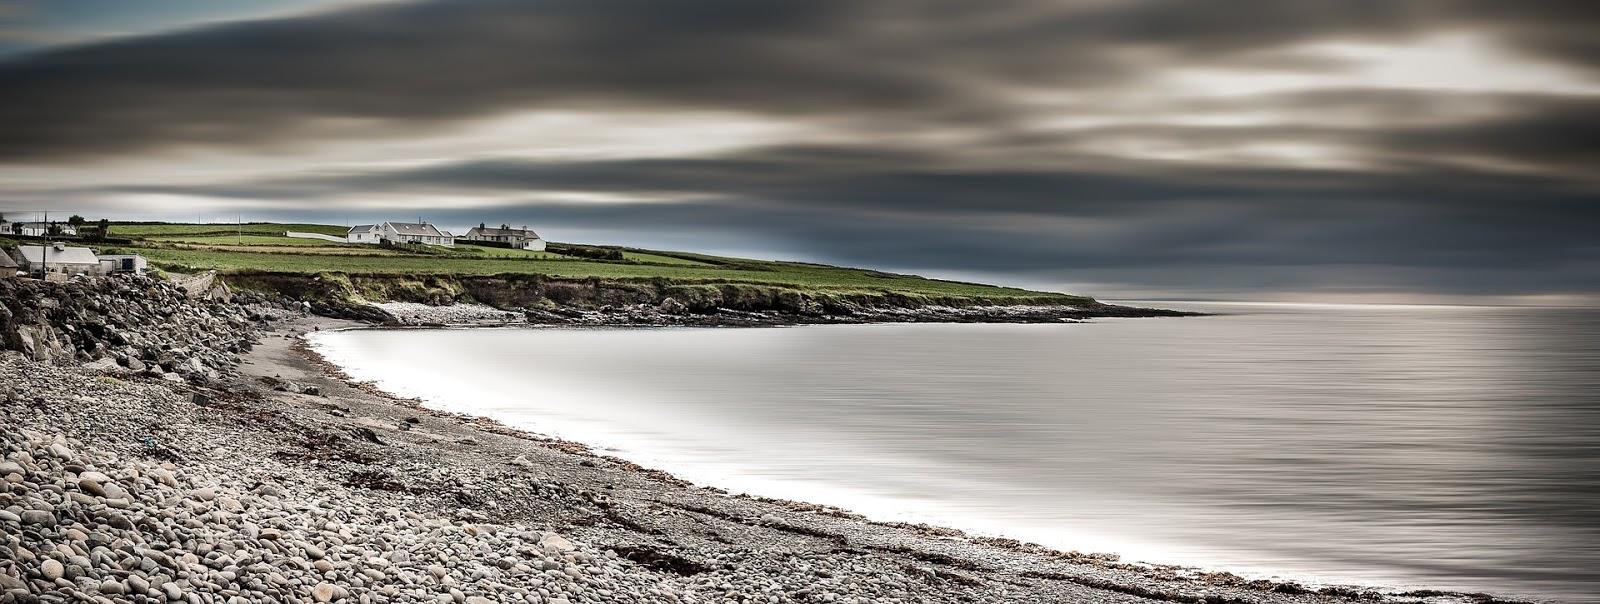 Irish scenic picture